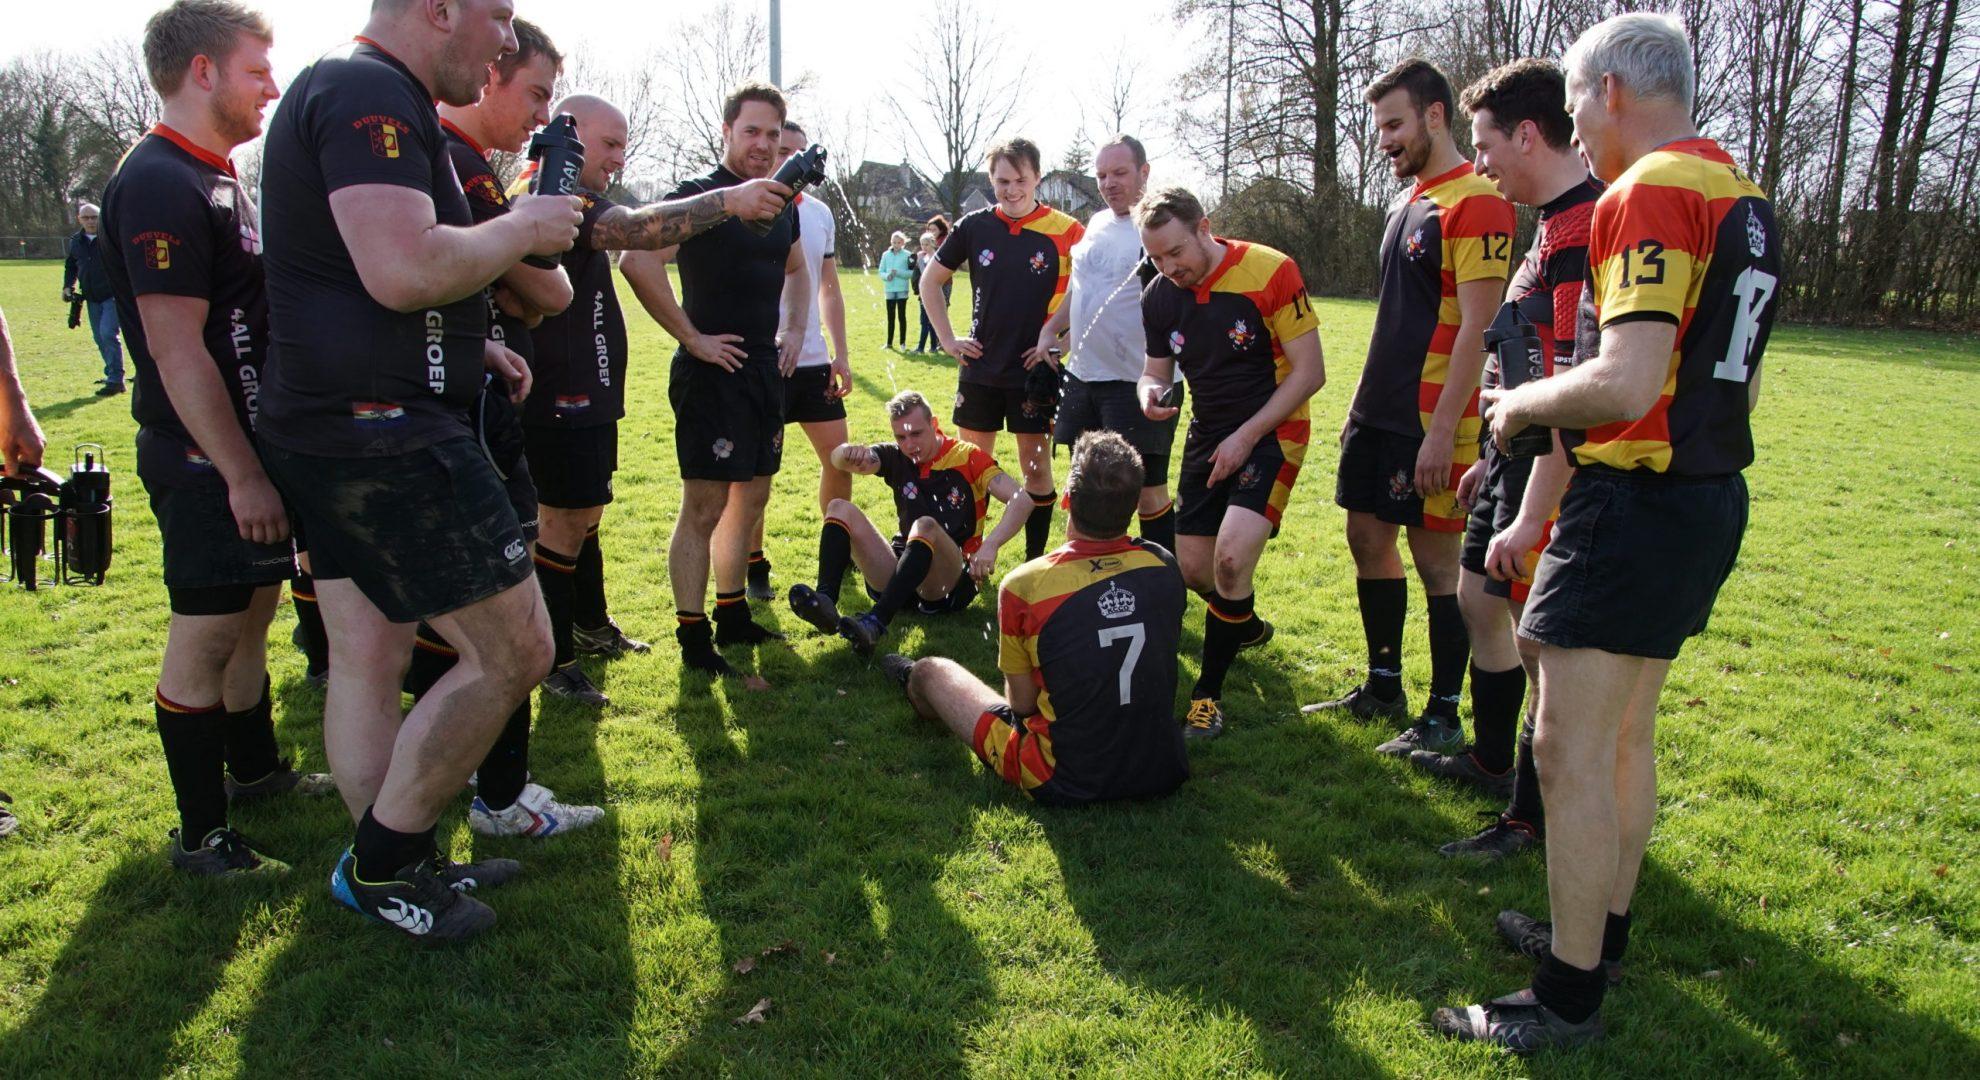 Rugby 12 maart 2017 fotograaf Sabri Varan (39) - Copy